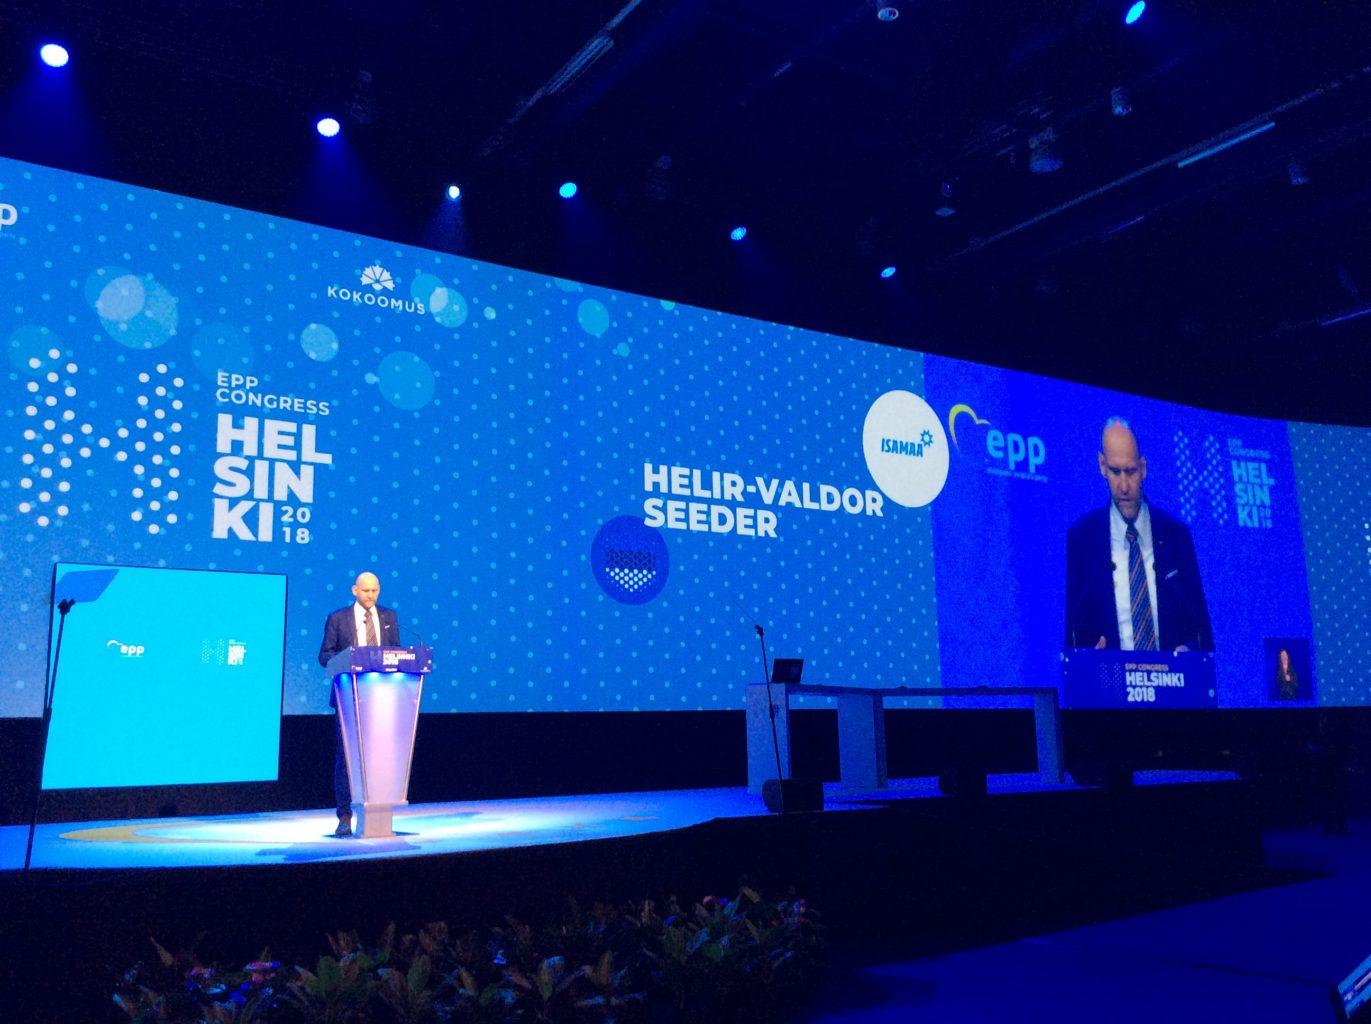 Helir-Valdor Seeder osaleb Horvaatias toimuval Euroopa Rahvapartei Kongressil